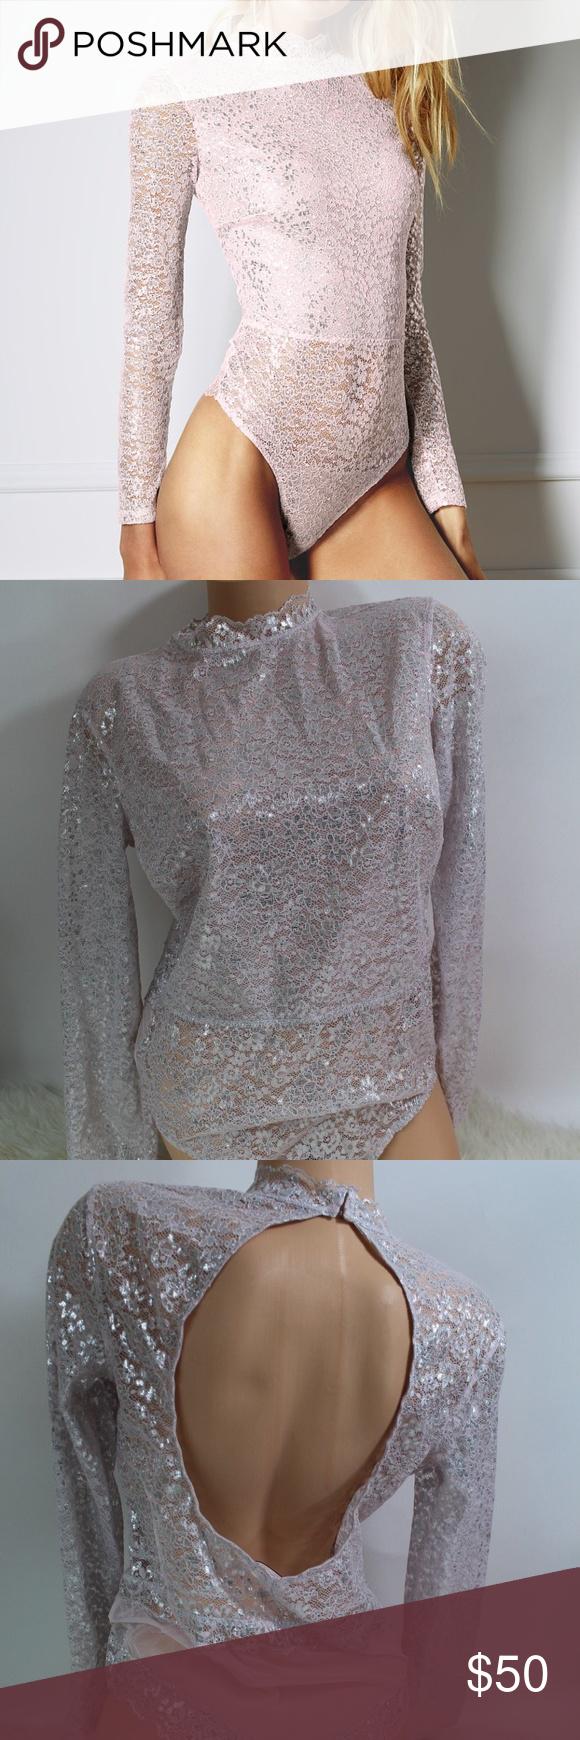 Lace bodysuit high neck   Victoriaus Secret Dream Angels Bodysuit NWT  Pinterest